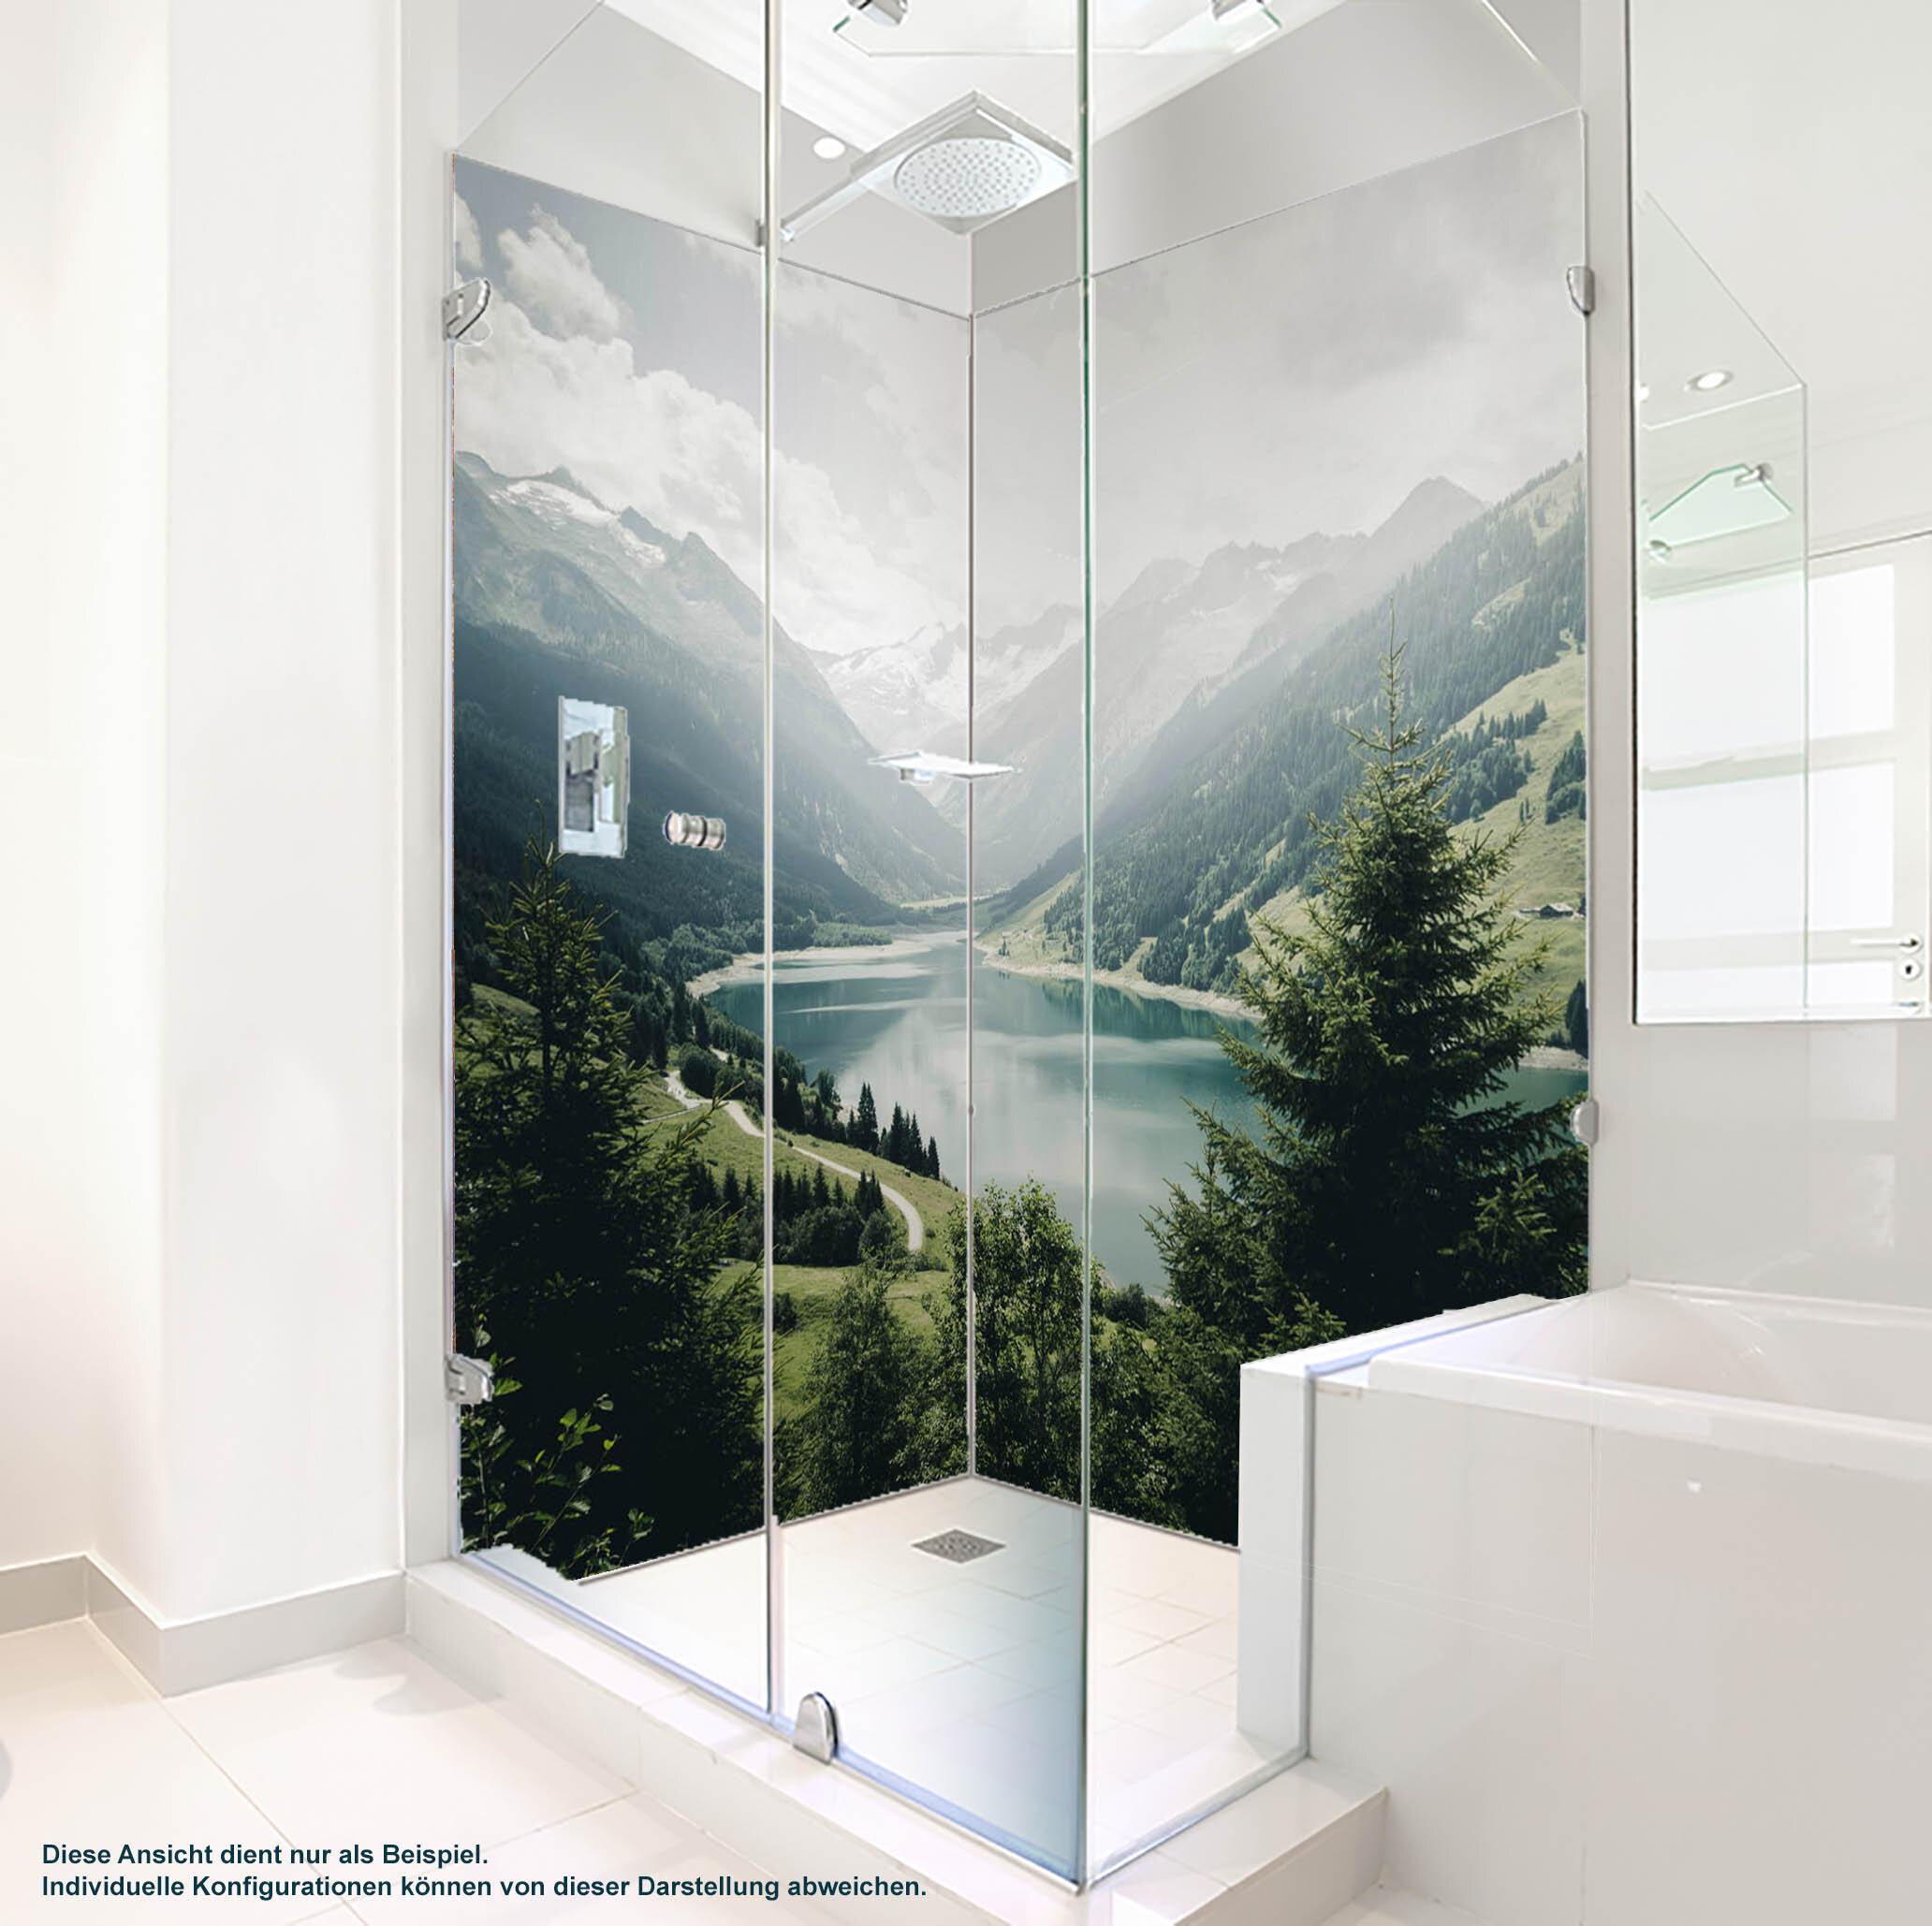 PlateART Duschrückwand mit Motiv Bergsee BS_11_20